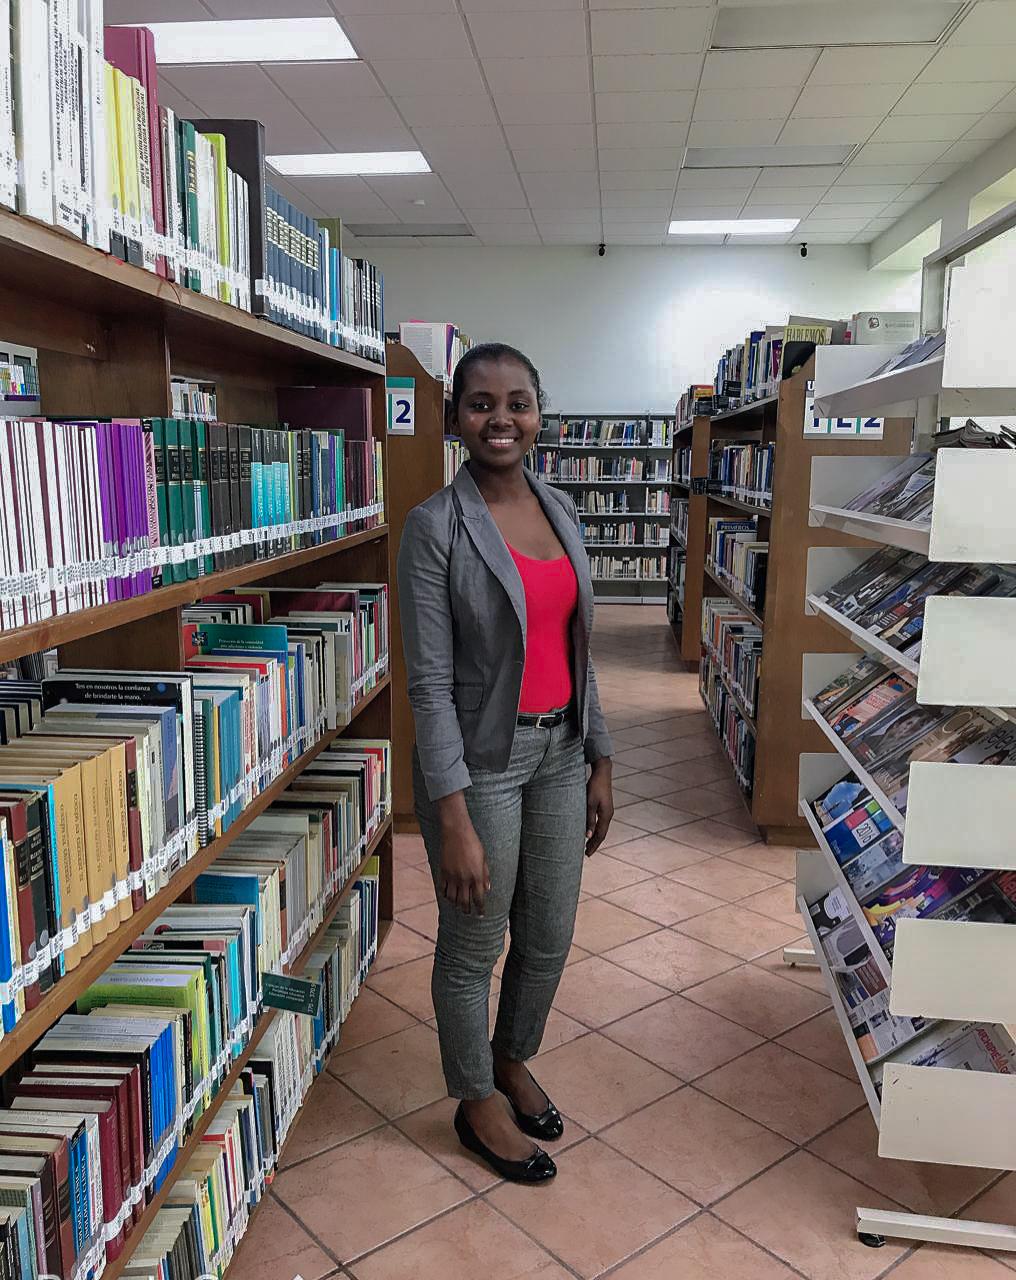 Gauchina Michaëlle busca aprender la cultura del país estudiando leyes. Fotografía por Flor Cervantes.